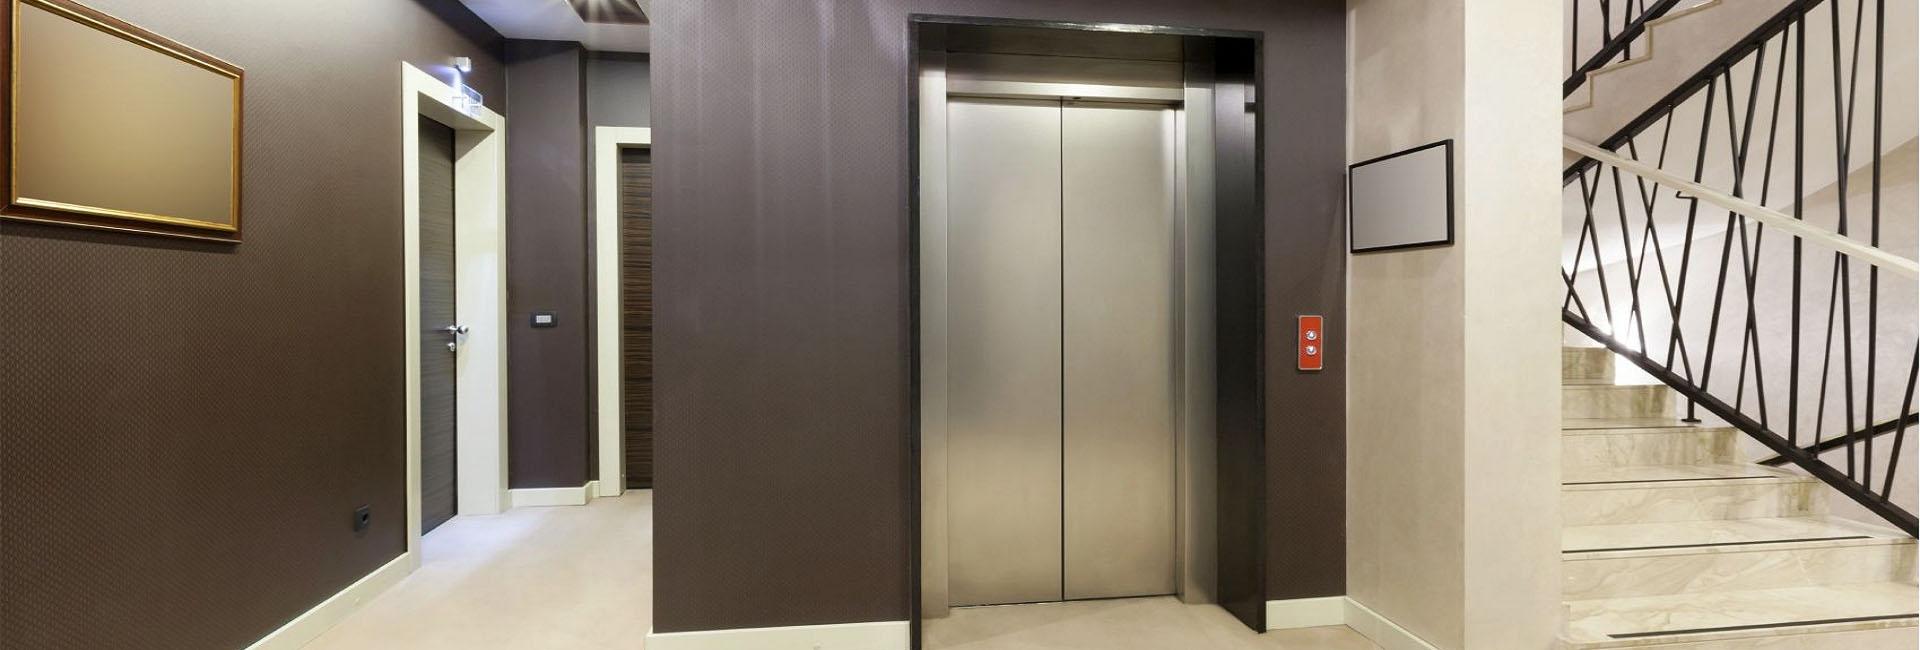 تعمیر، سرویس، نگهداری آسانسور درکه